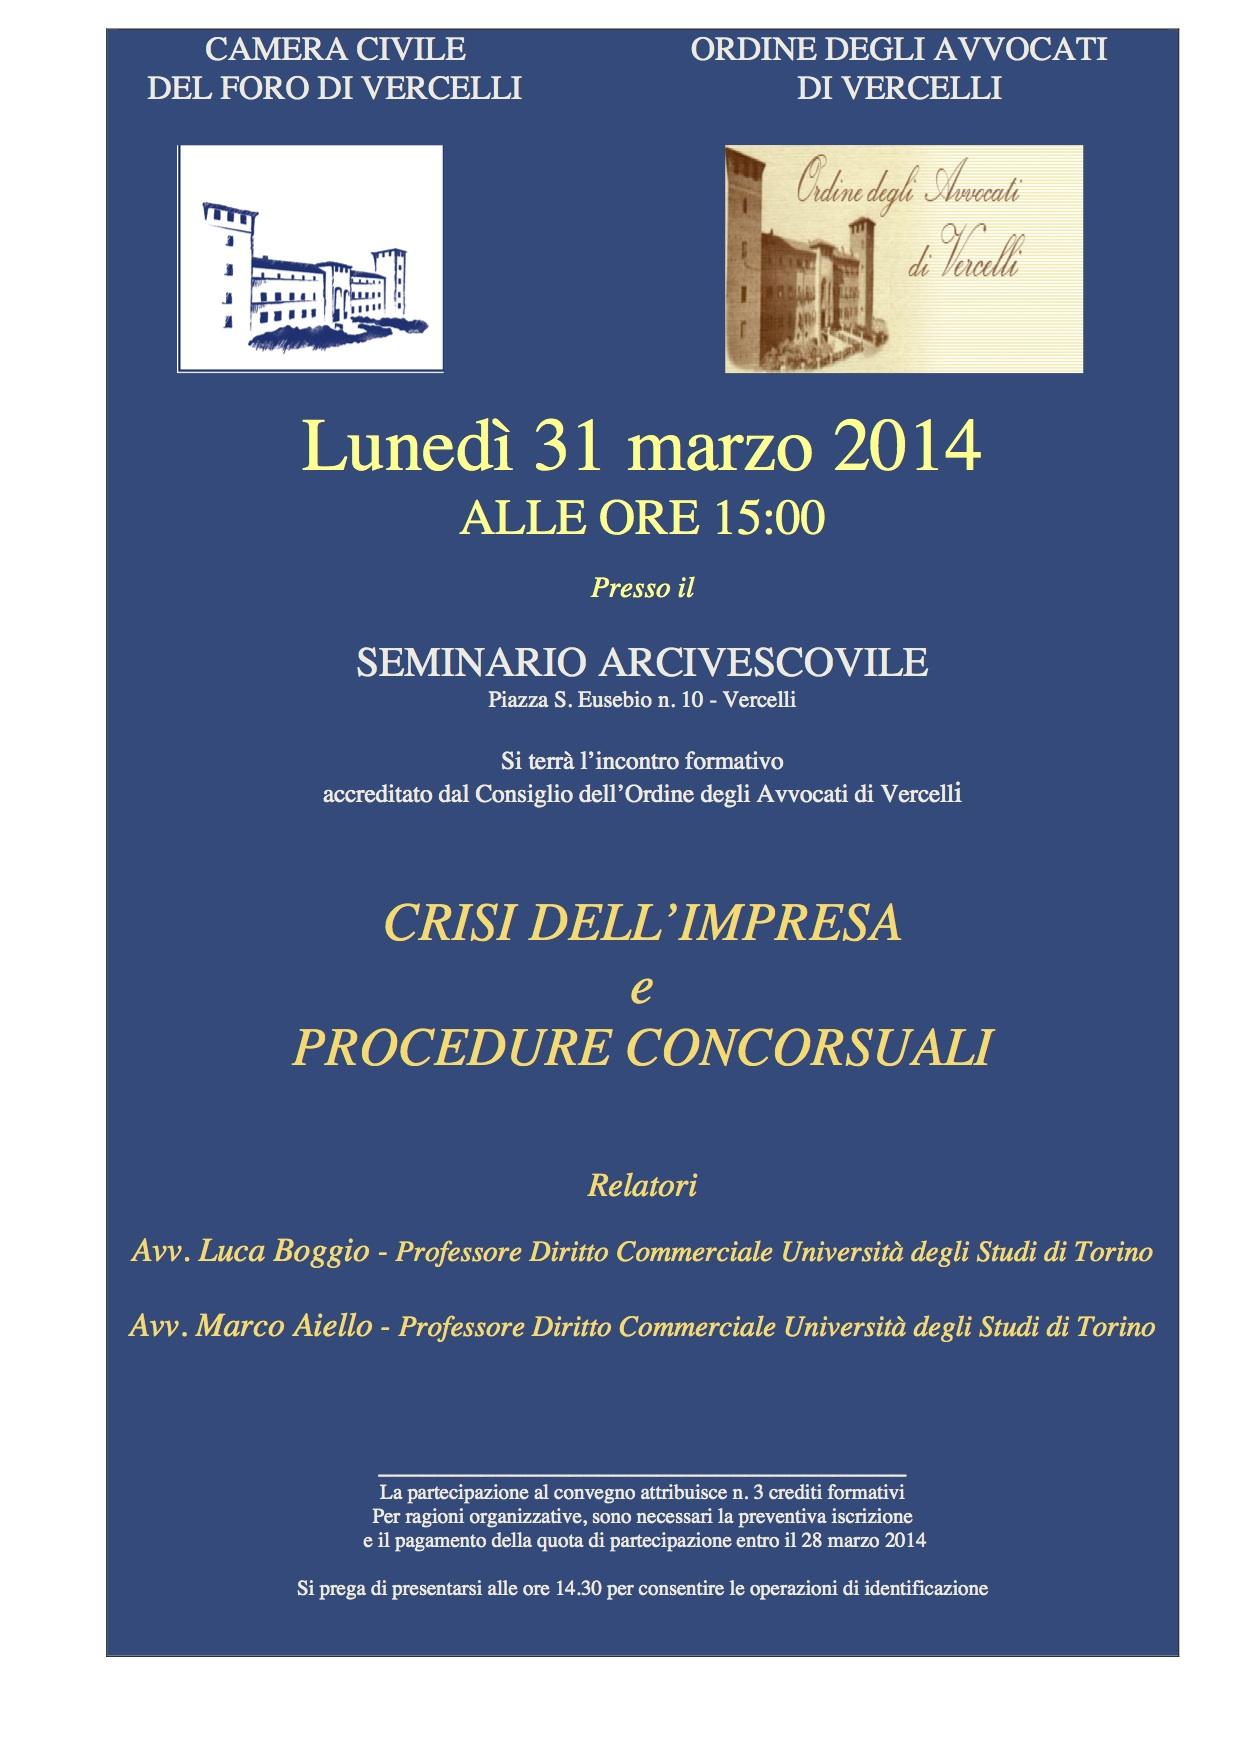 Locandina-31-marzo-2014-2-versione